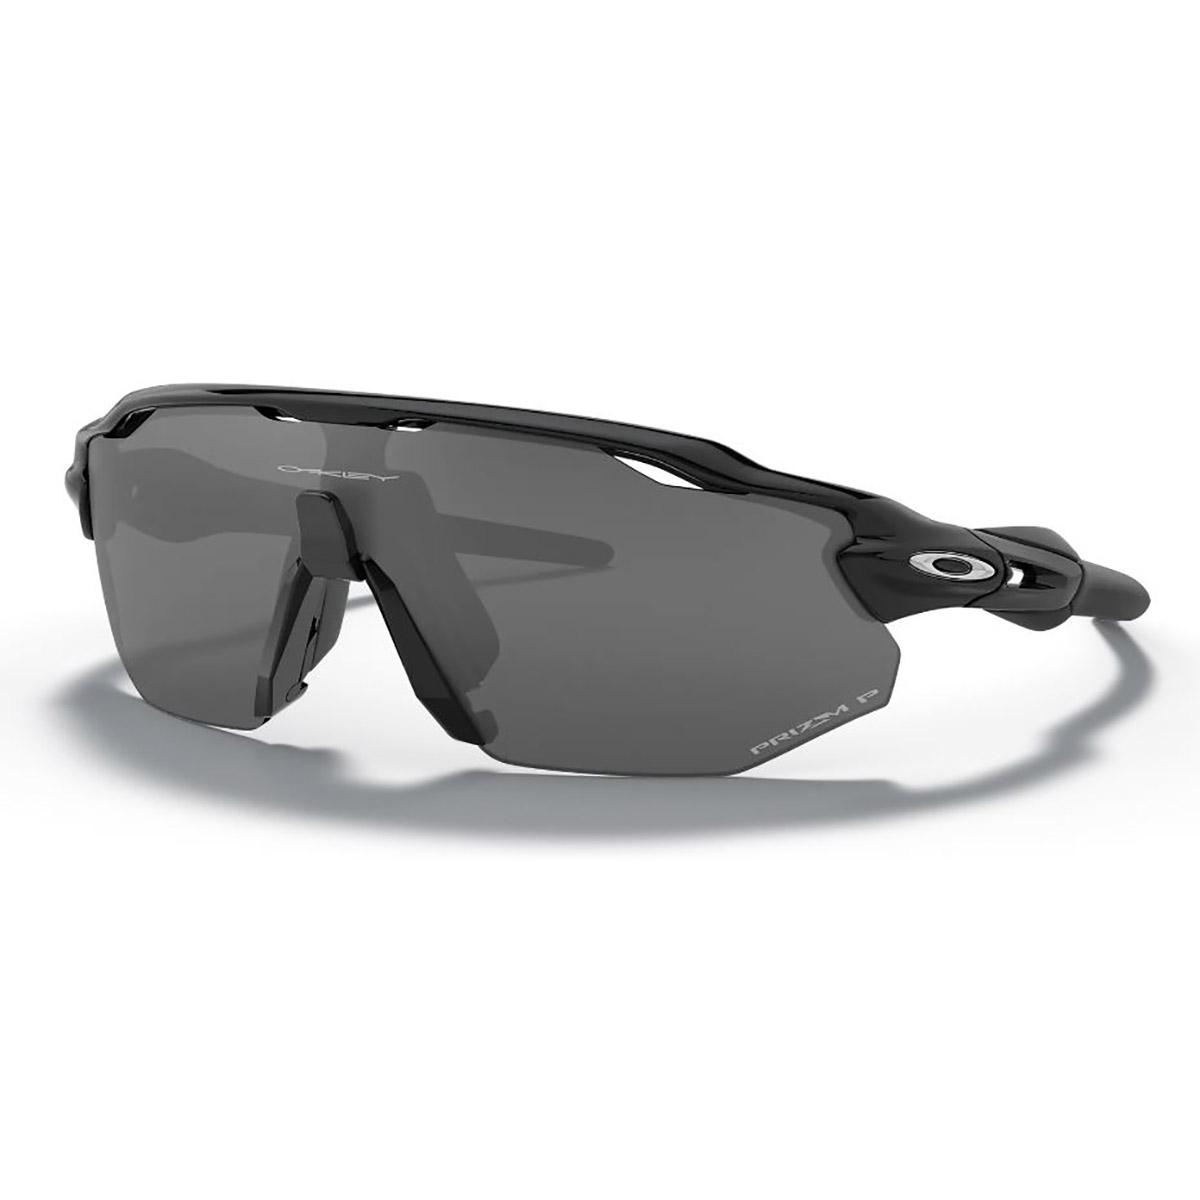 Óculos de Ciclismo Oakley Radar EV Advancer OO9442